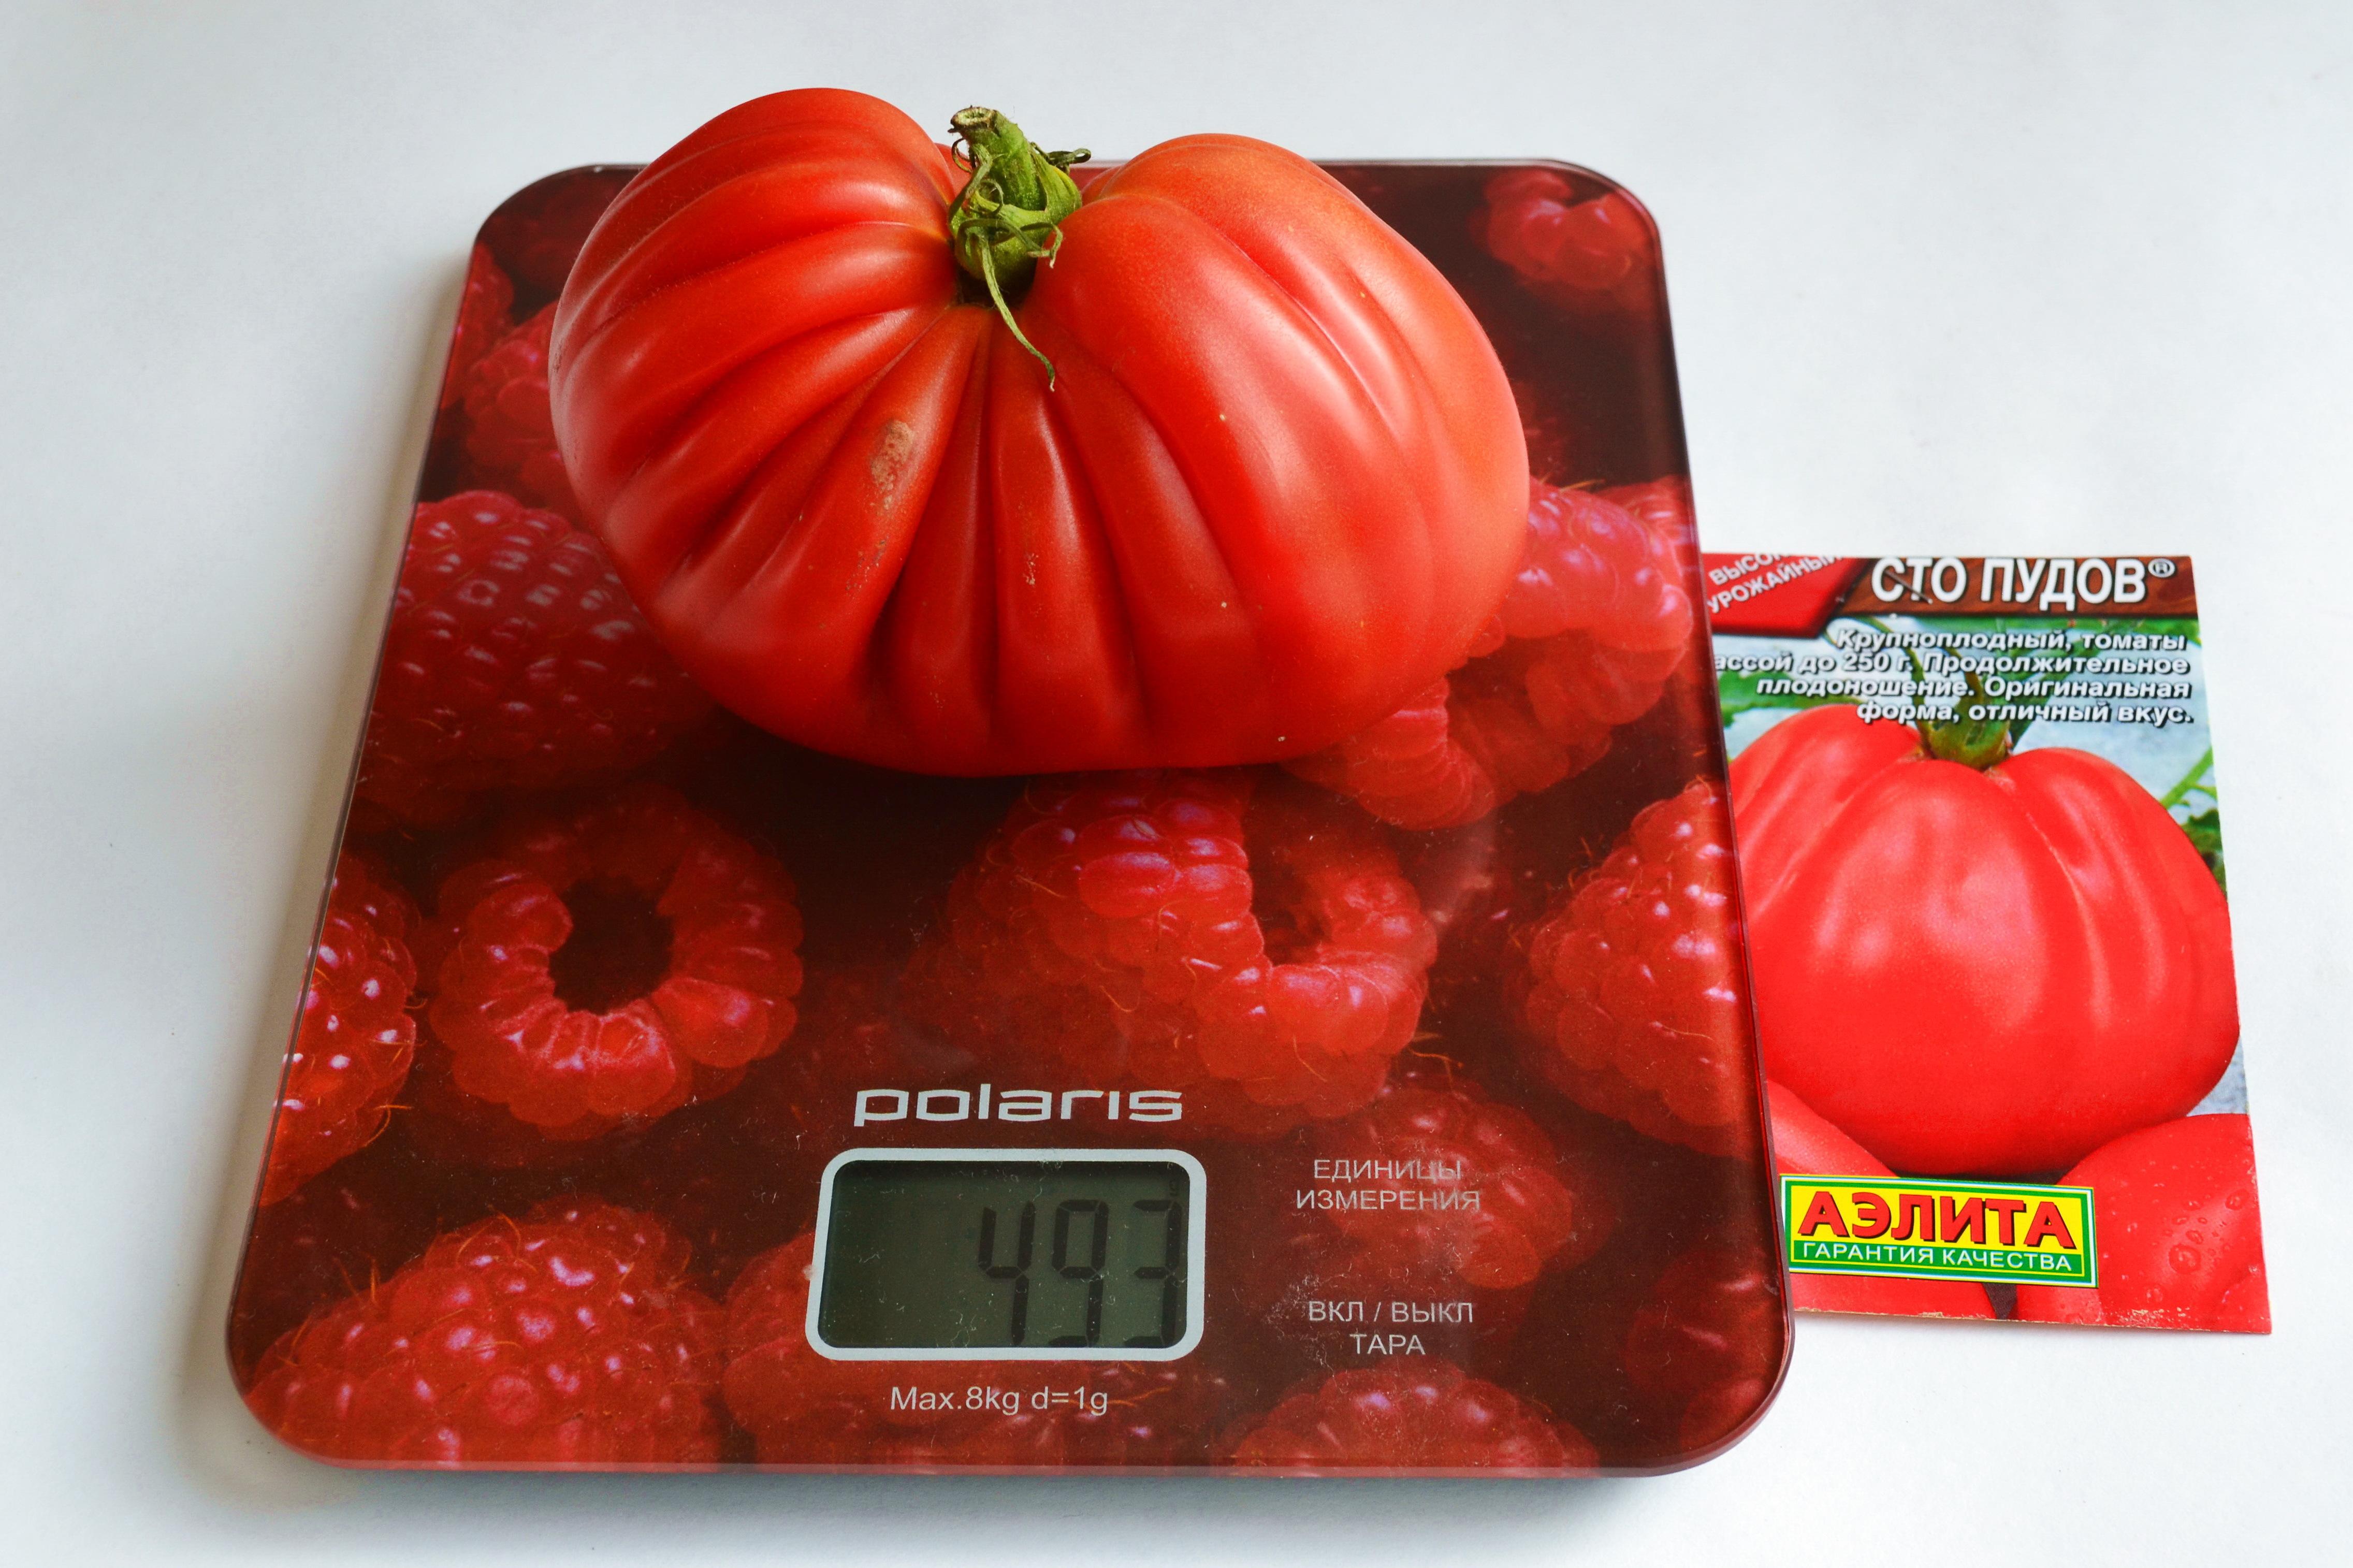 препараты средства томаты сто пудов отзывы с фото большинстве